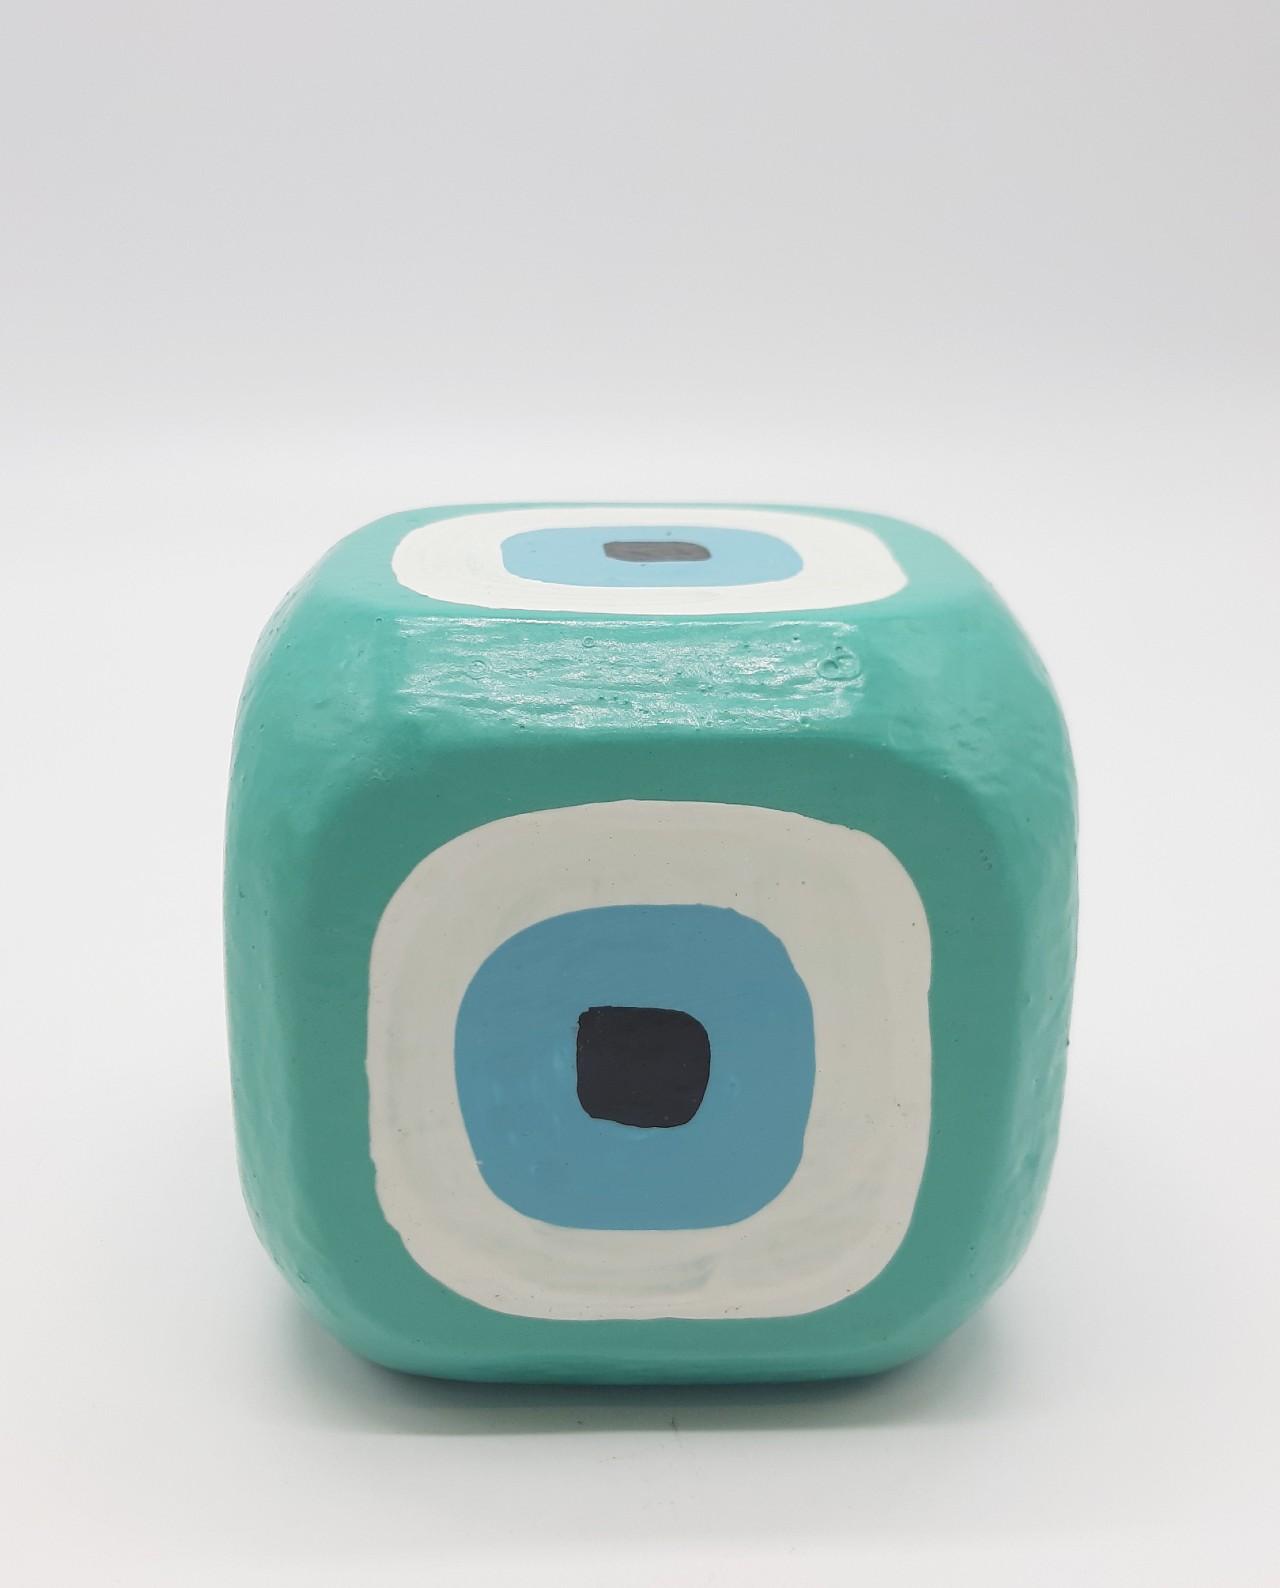 Κύβος Ματάκι Ξύλινος Χειροποίητος 8.5 cm x 8.5 cm x 8.5 cm χρώμα μπλε